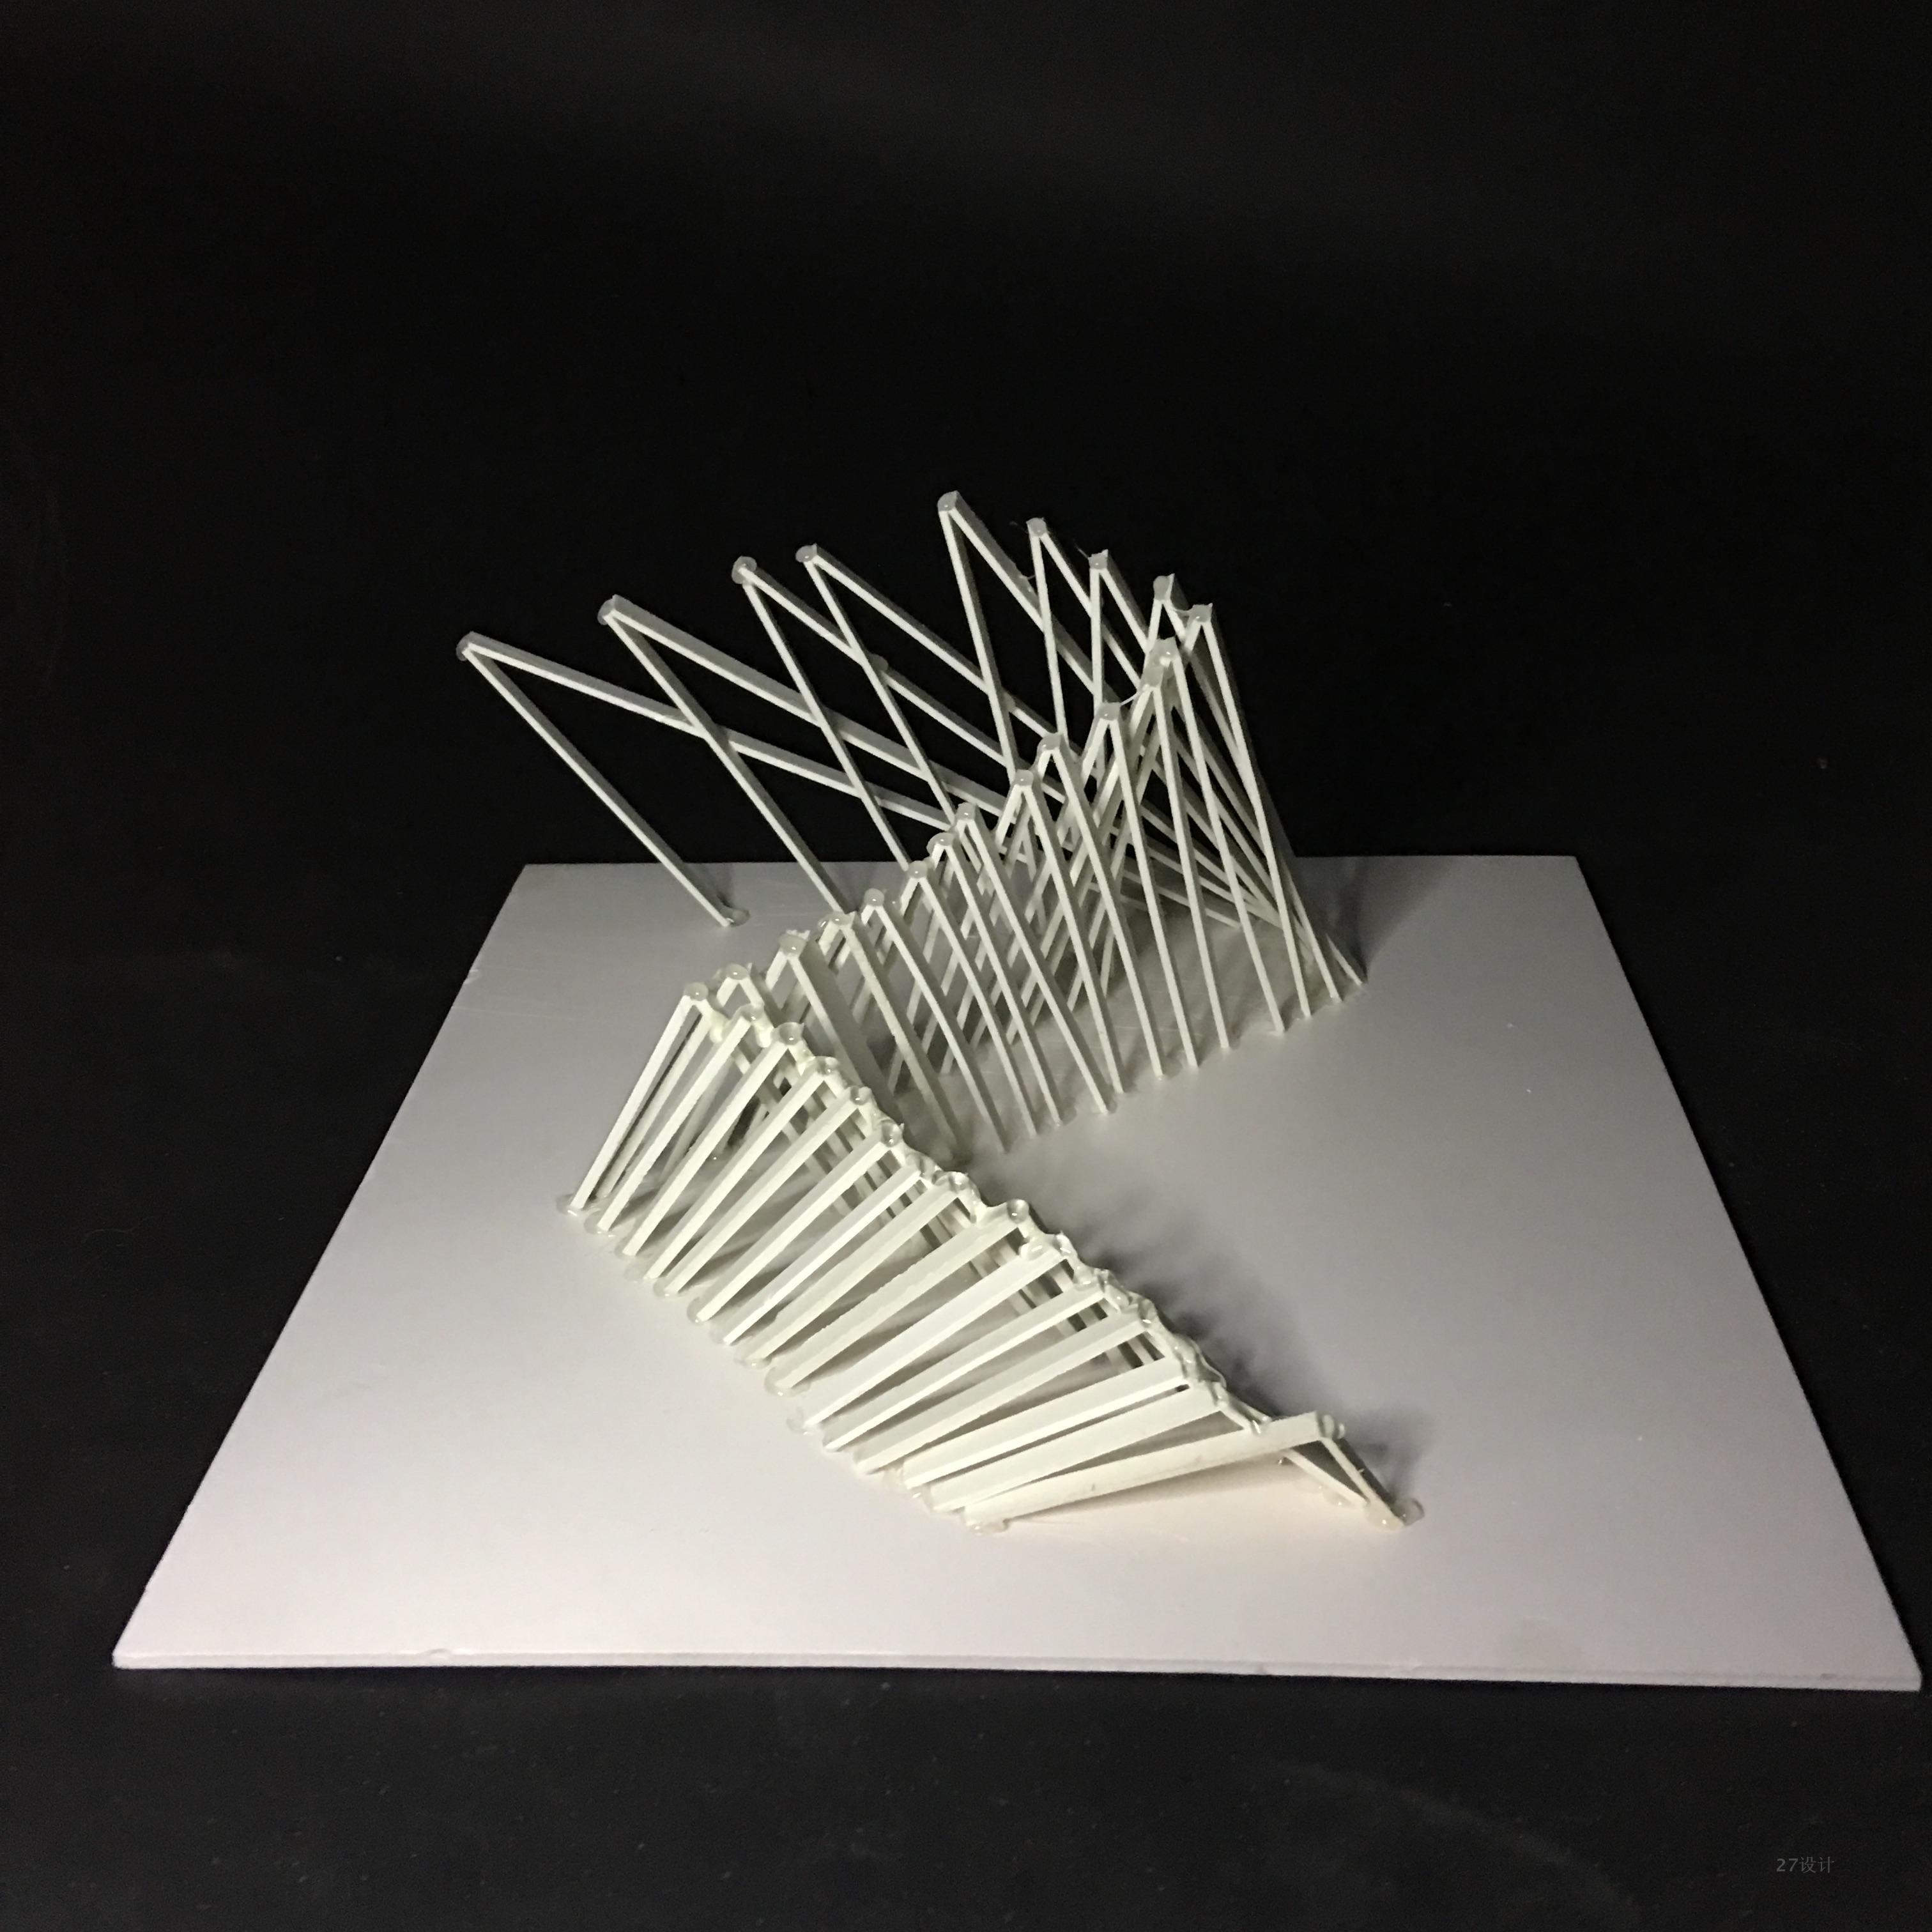 成品点线面立体构成模型diy空间形态pvc材料硬线构成图片